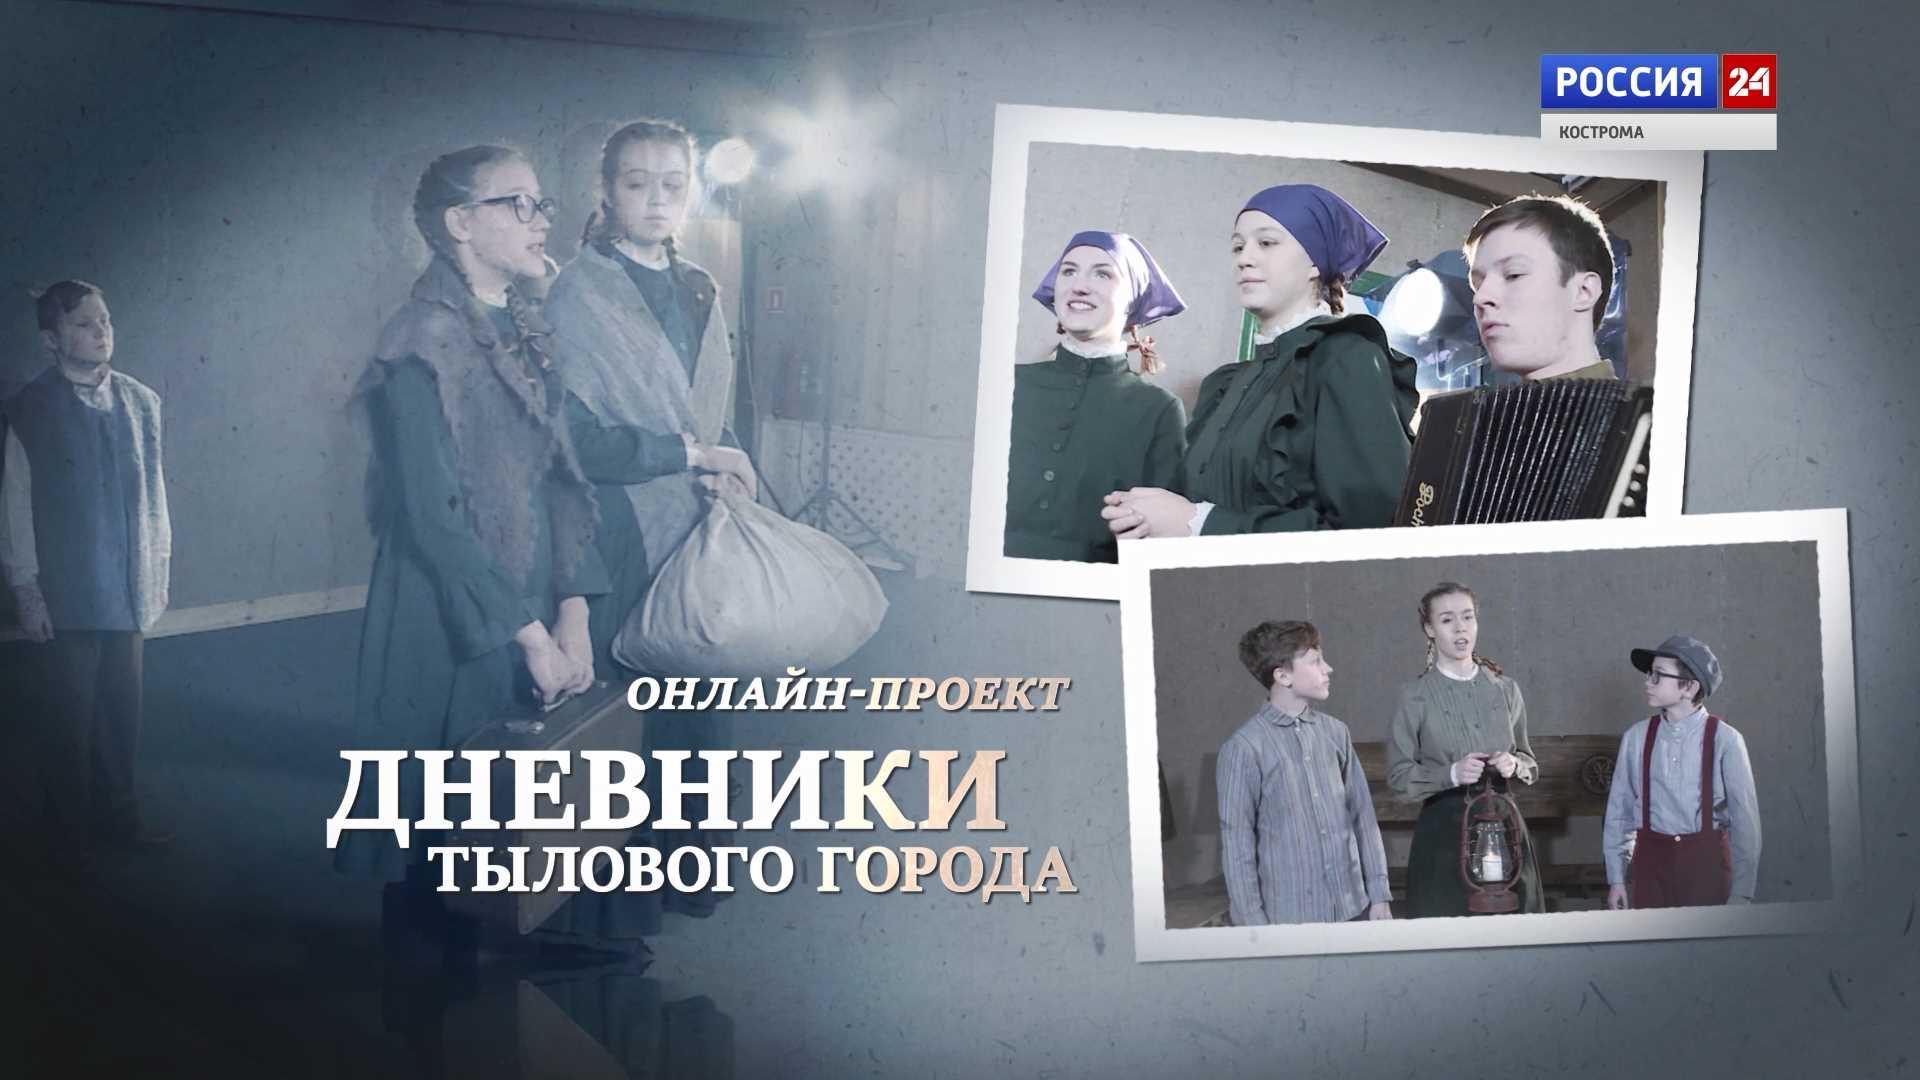 «Дневники тылового города»: как костромские школьники ставили спектакли о войне